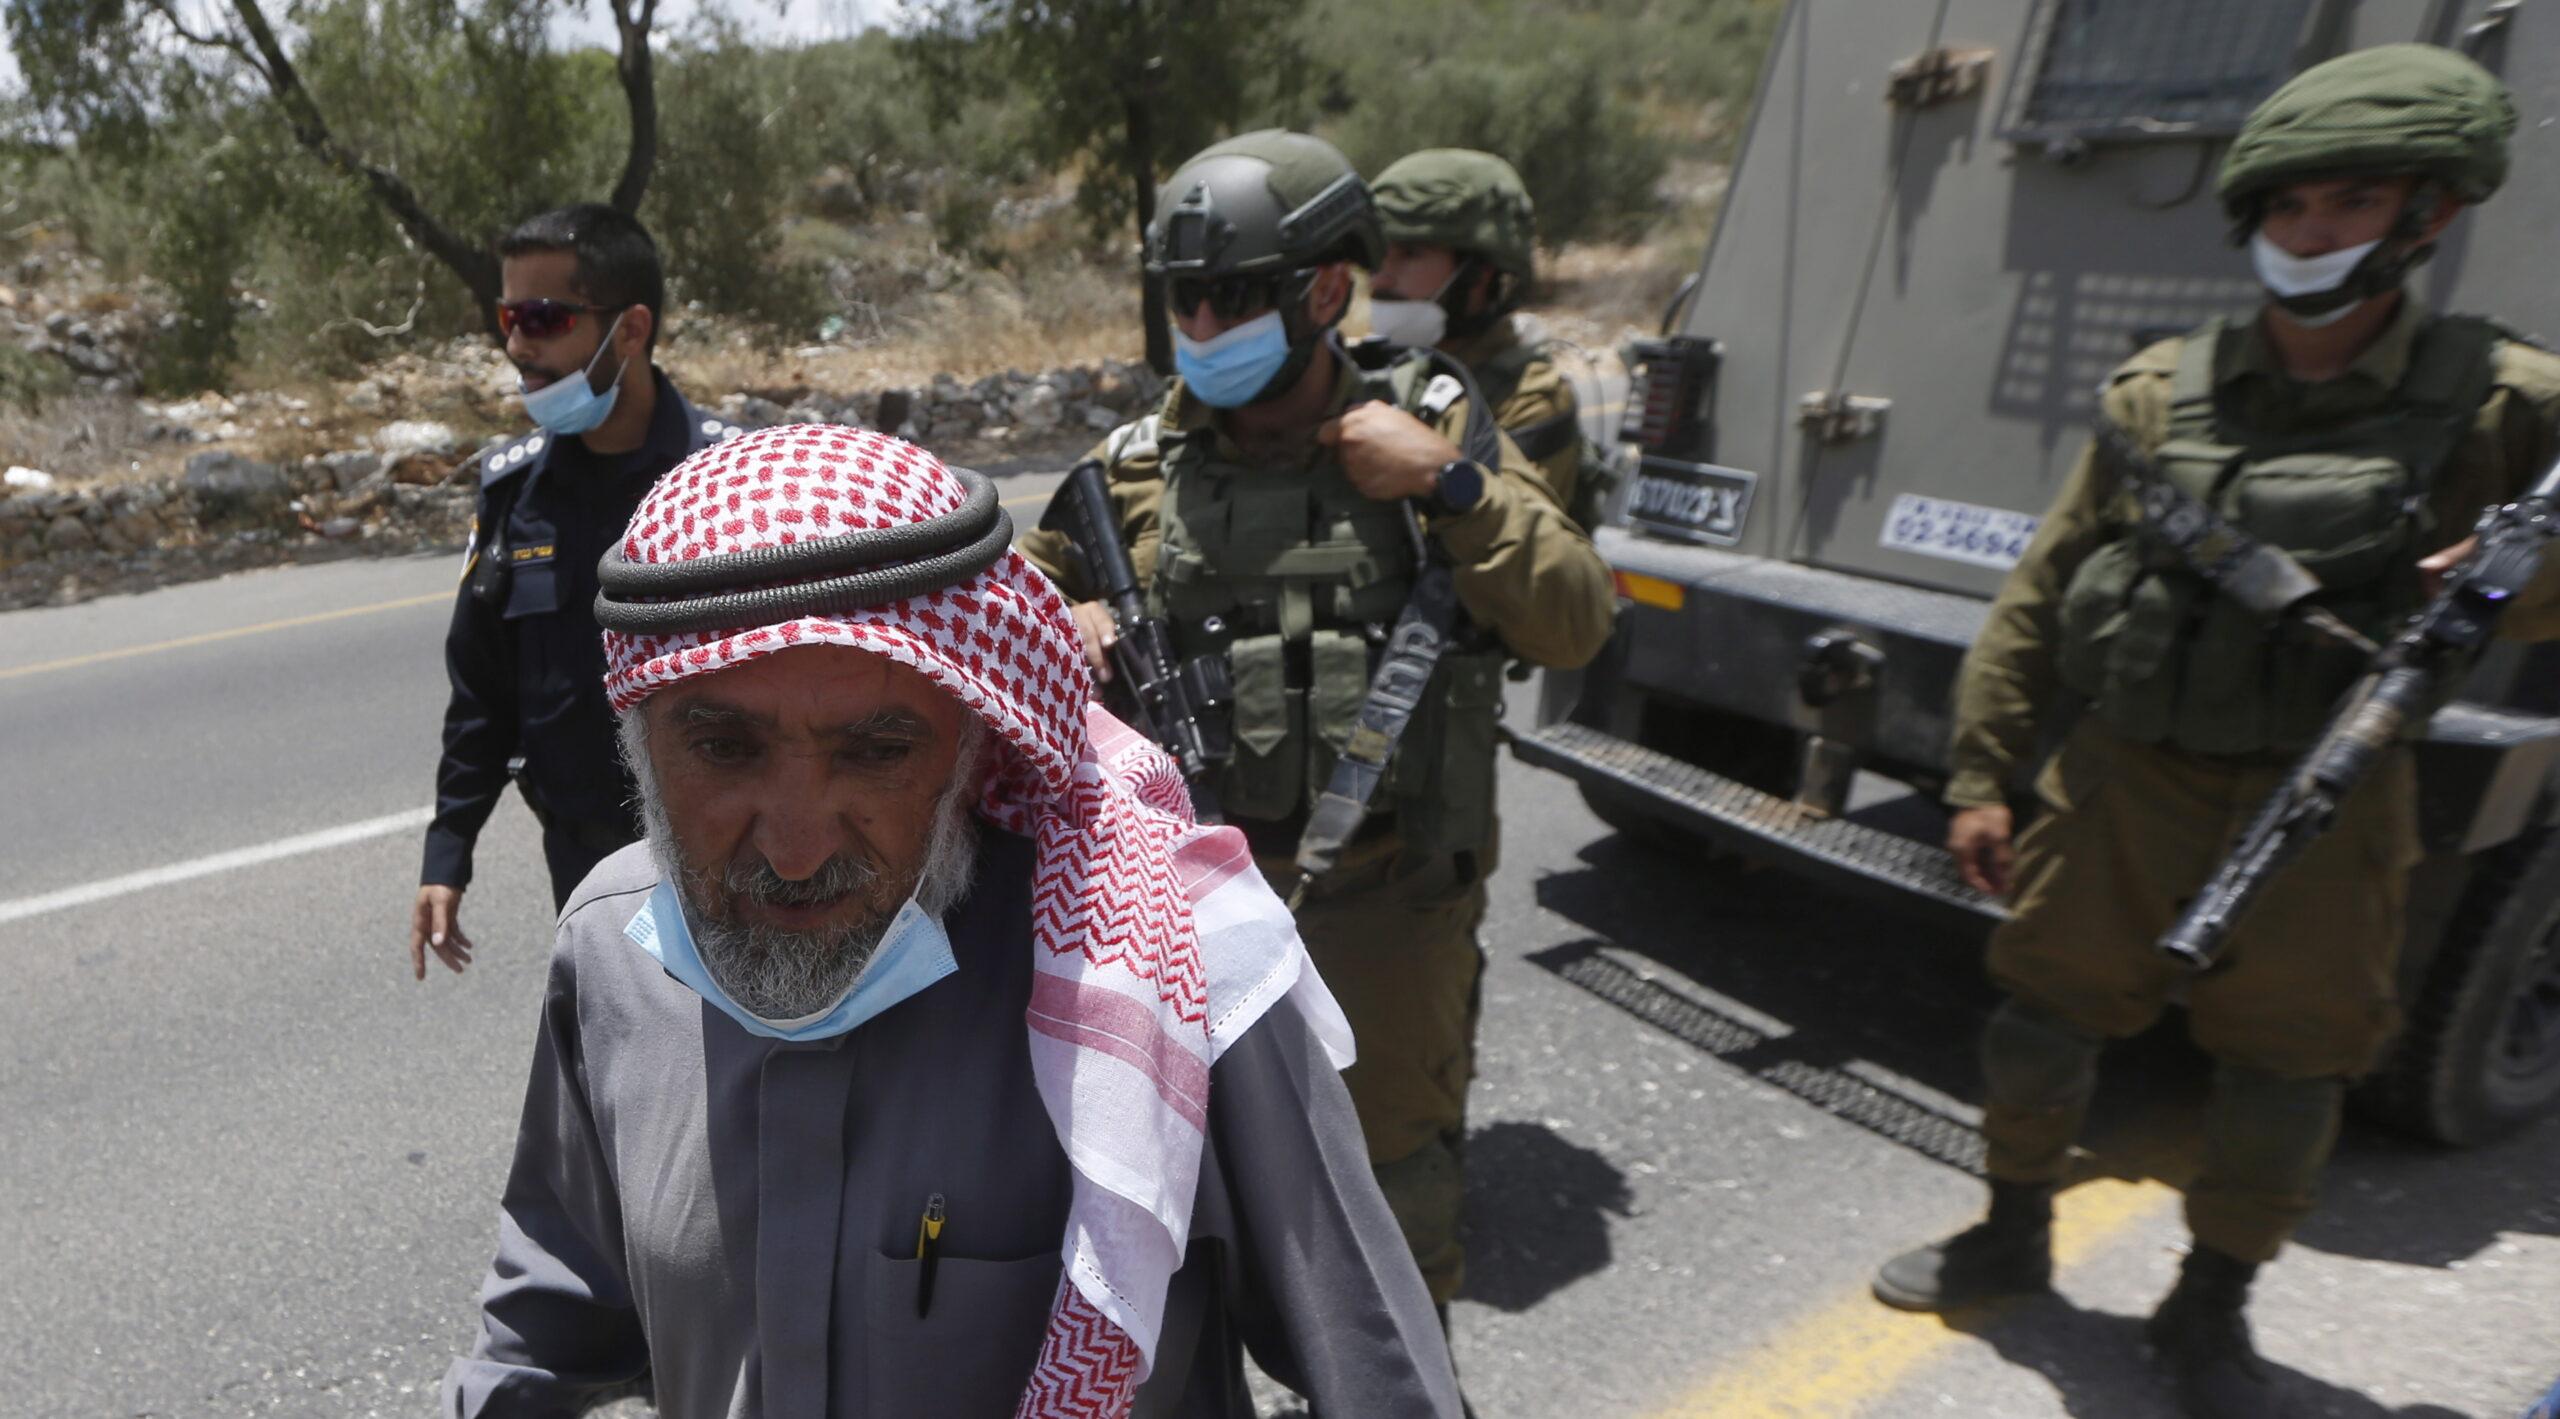 Bizalmi szakadék tátong az izraeli zsidók, a palesztinok és az izraeli arabok között